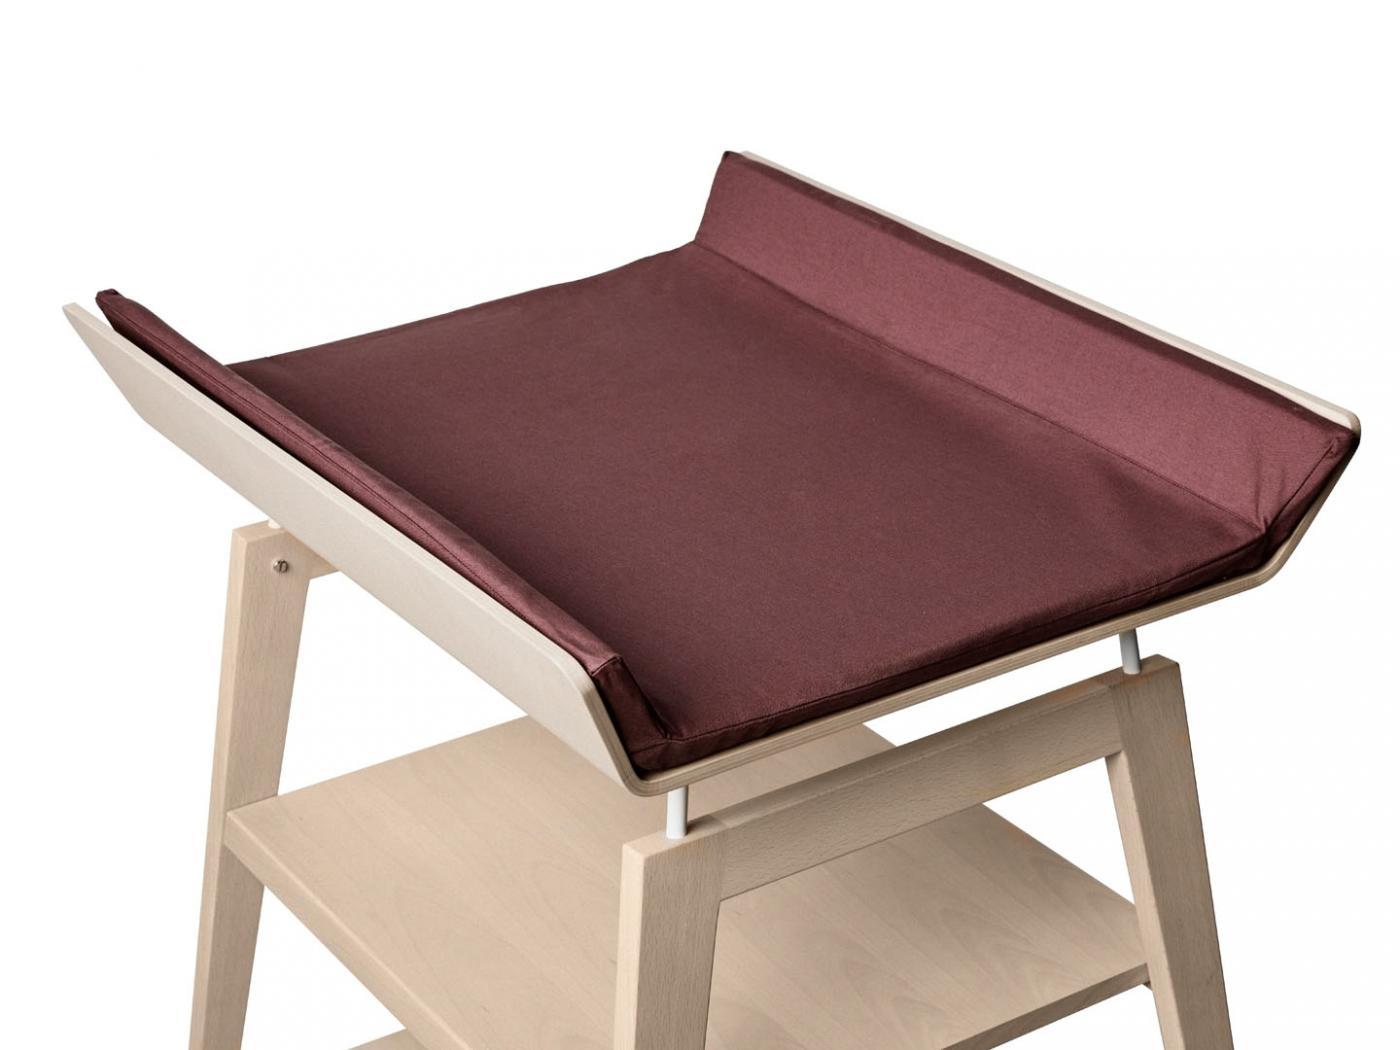 leander housse matelas langer prune pour table. Black Bedroom Furniture Sets. Home Design Ideas